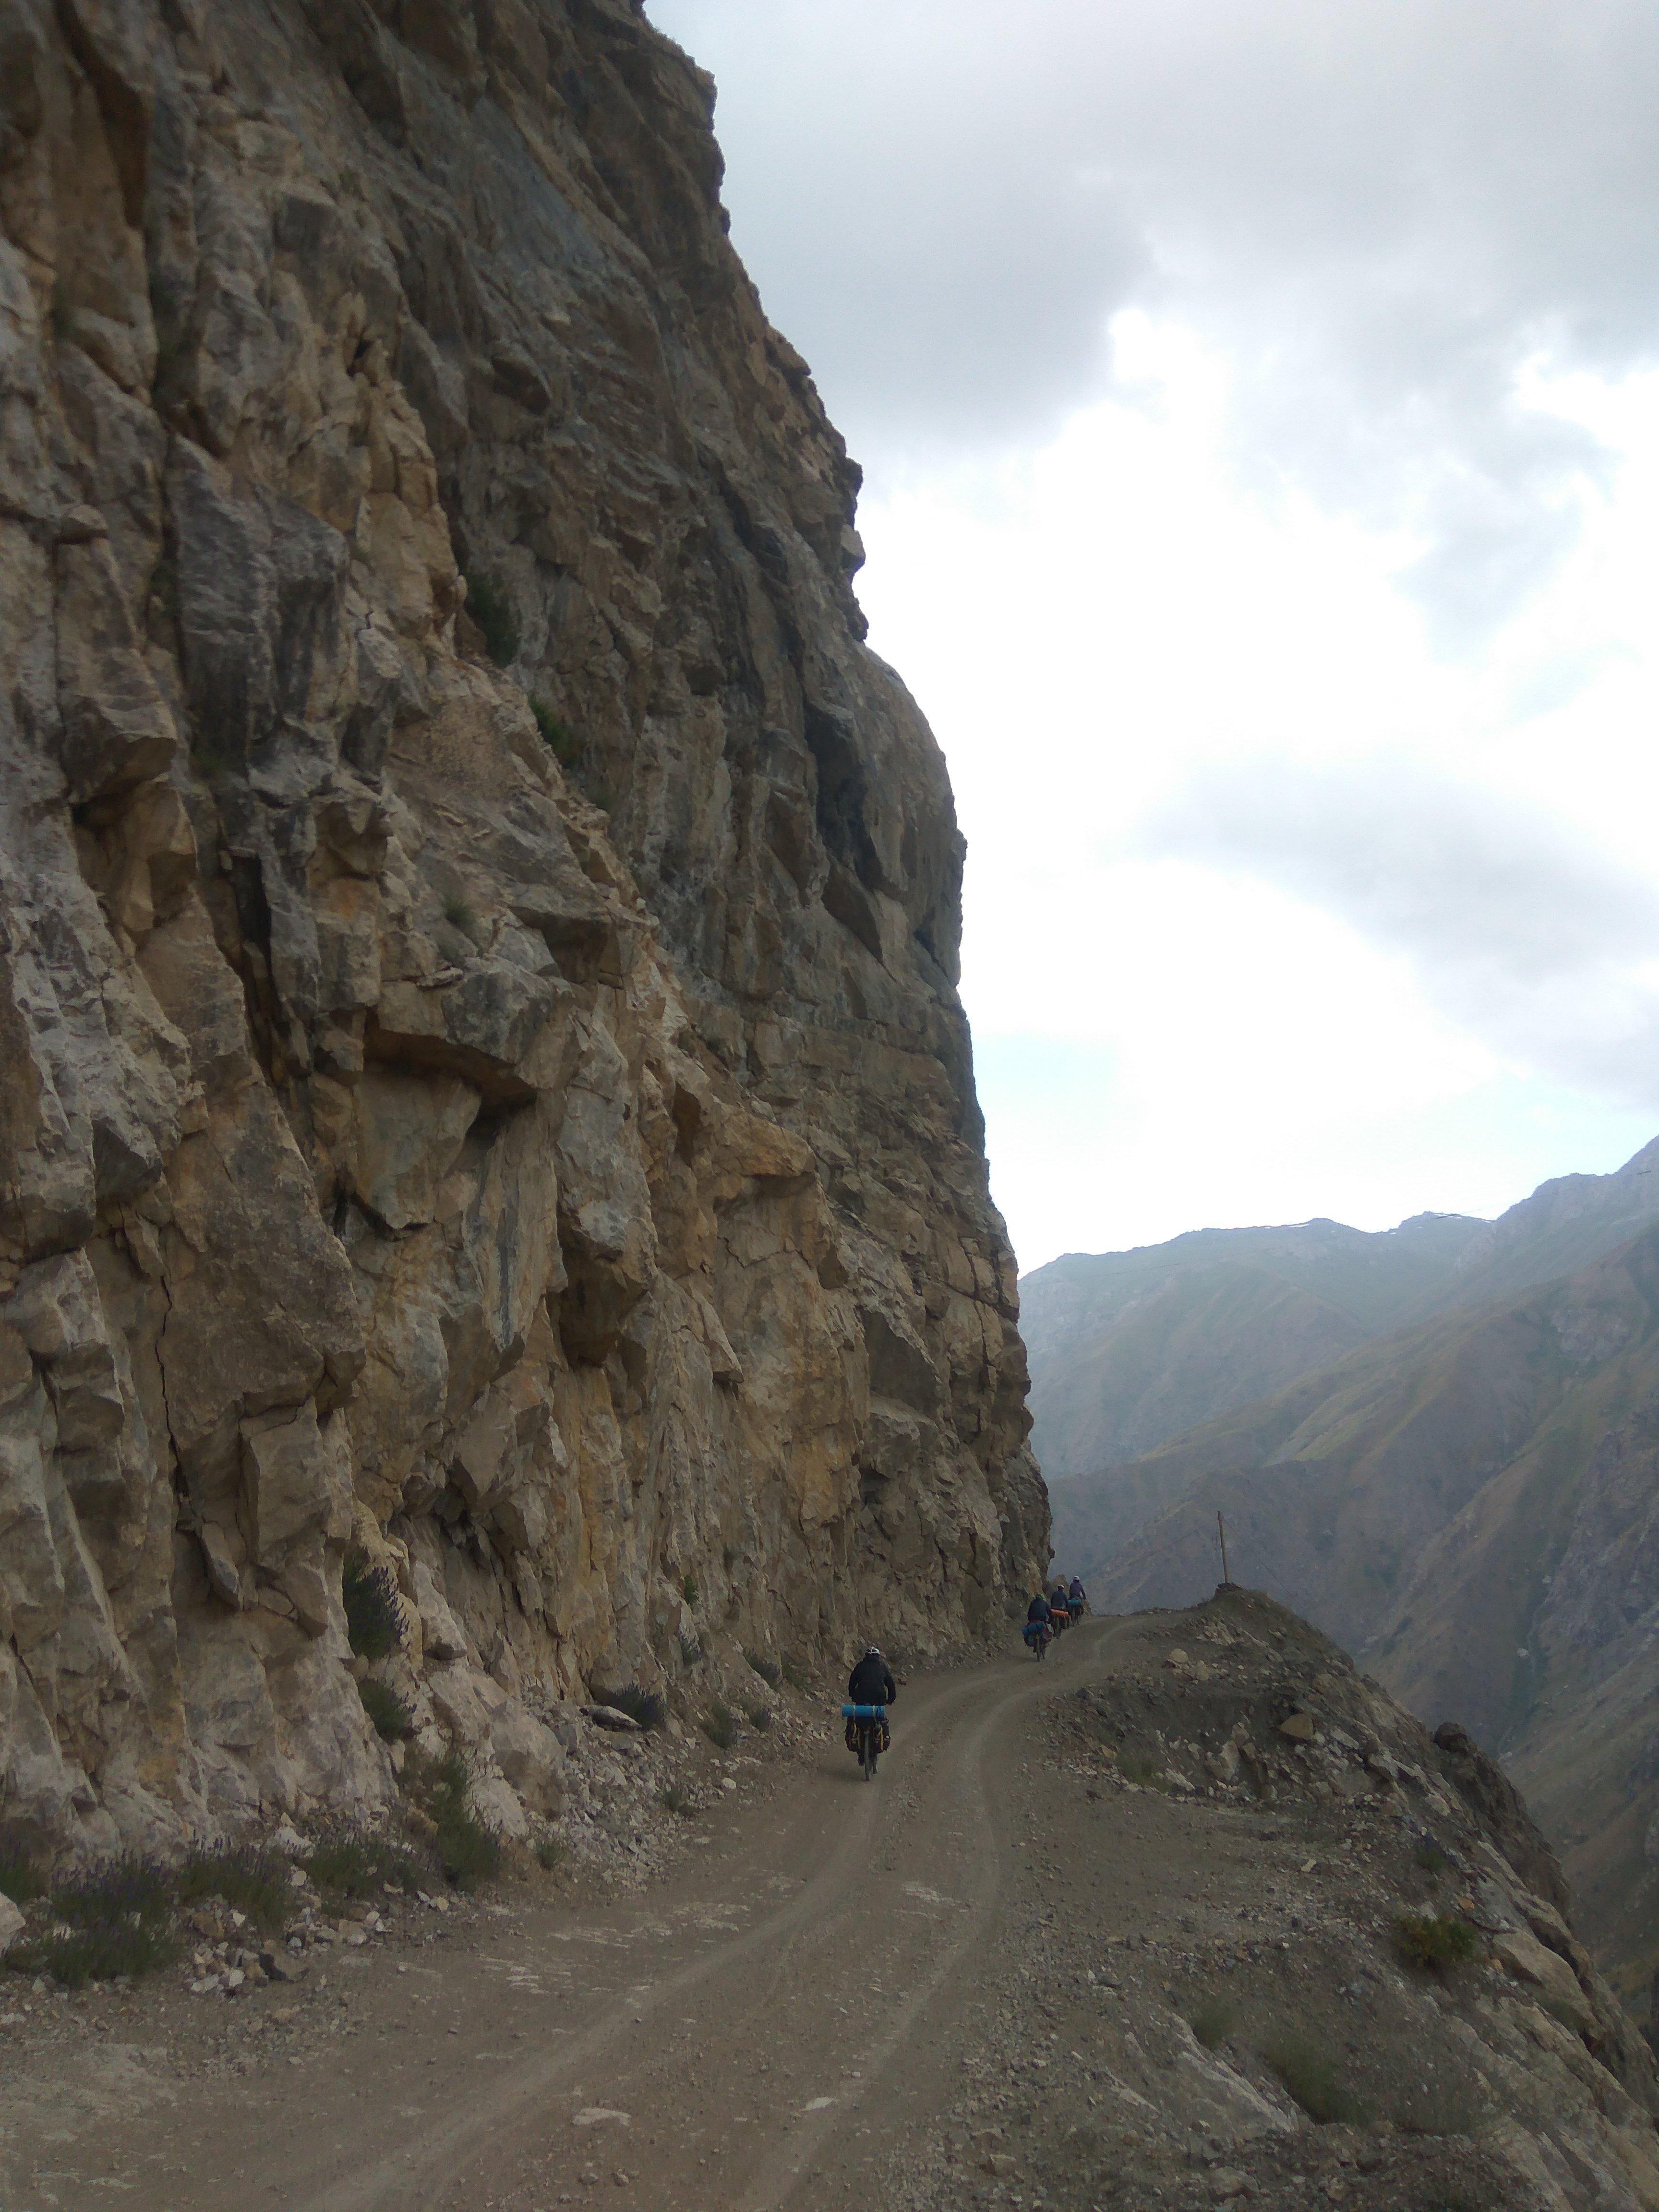 Путешествие по крыше мира. Велопоход по Памиро-Алаю. Андрей Басалаев